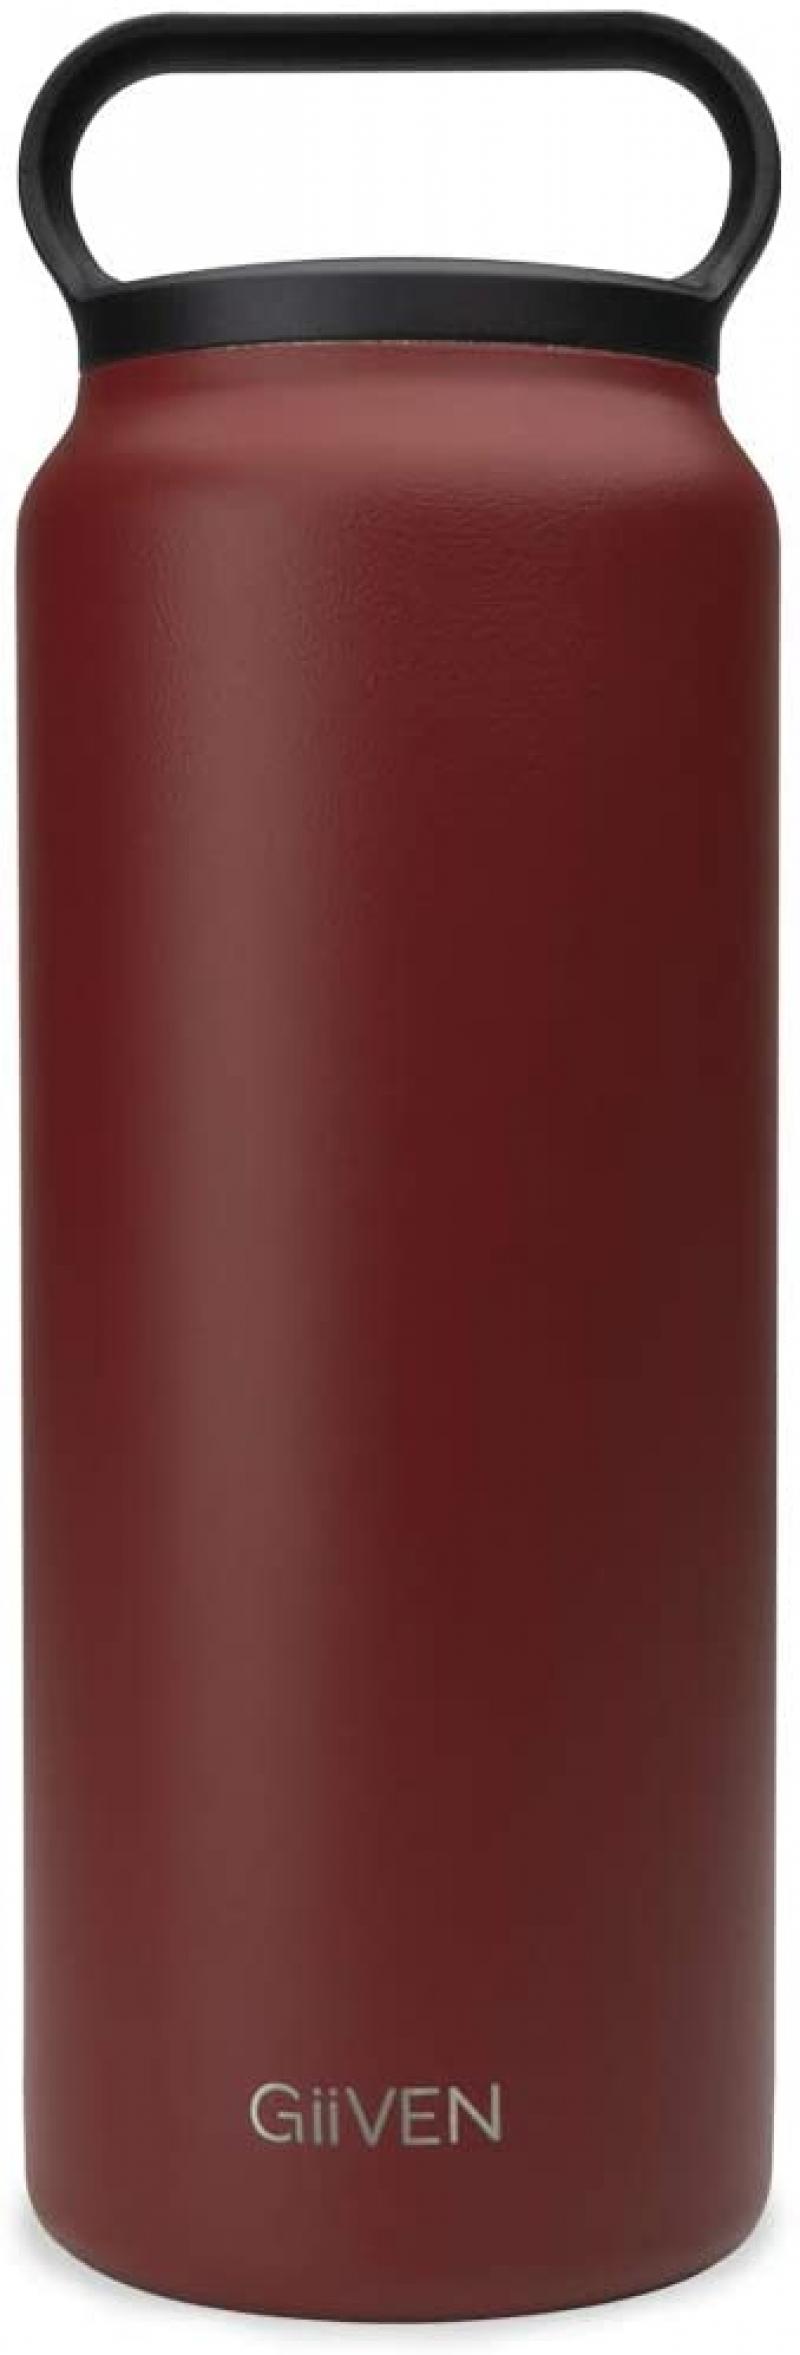 ihocon: GiiVEN Double Wall Vacuum Insulated 24 oz. Water Bottle 不銹鋼保温水瓶